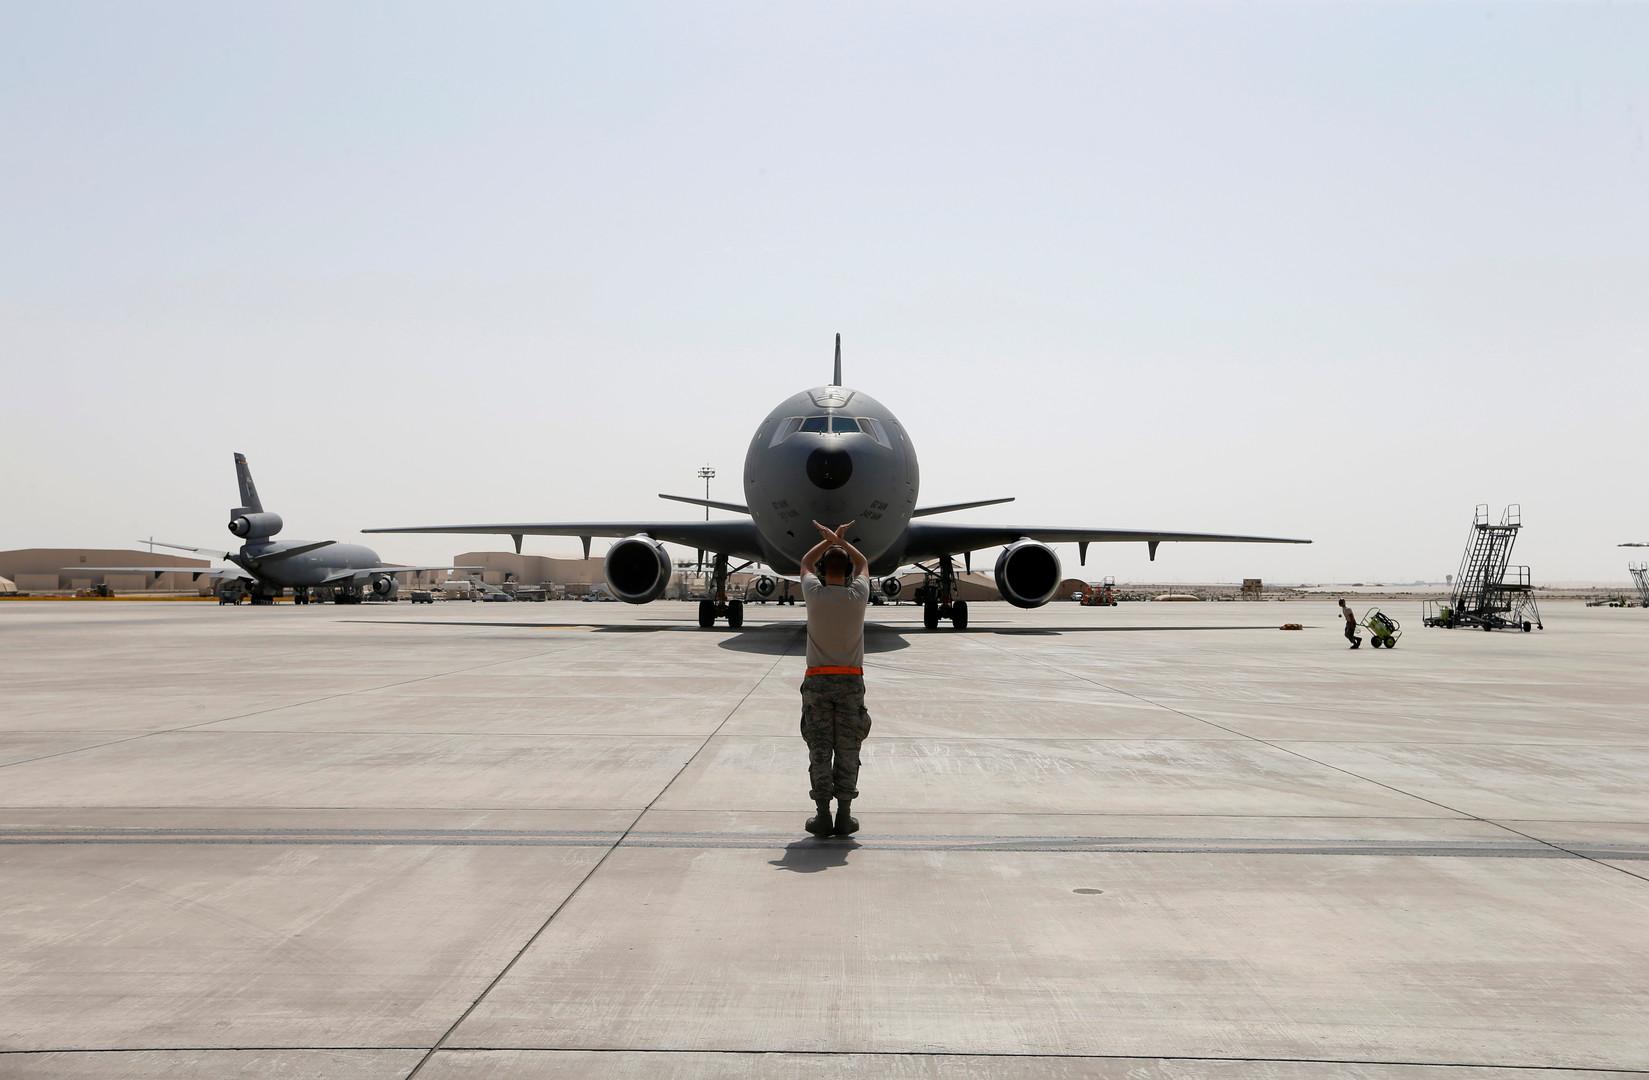 نتيجة بحث الصور عن صحيفة: واشنطن ترسل مئات العسكريين للسعودية ضمن تكثيف جهودها لمحاربة إيران